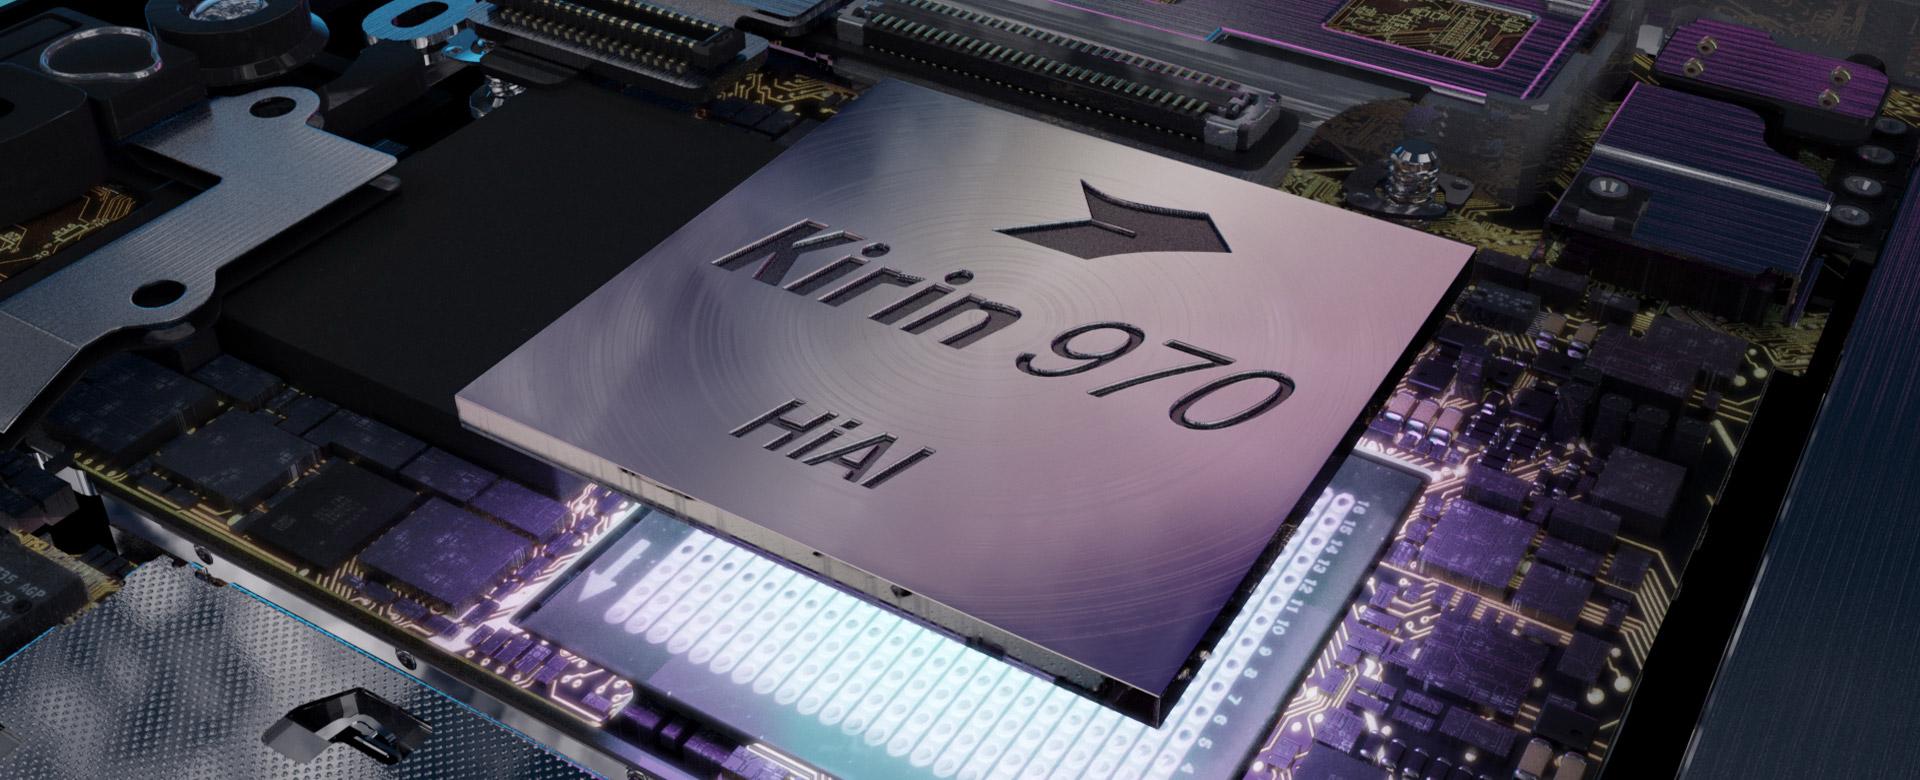 Huawei P20 wyposażono w procesor Kirin 970